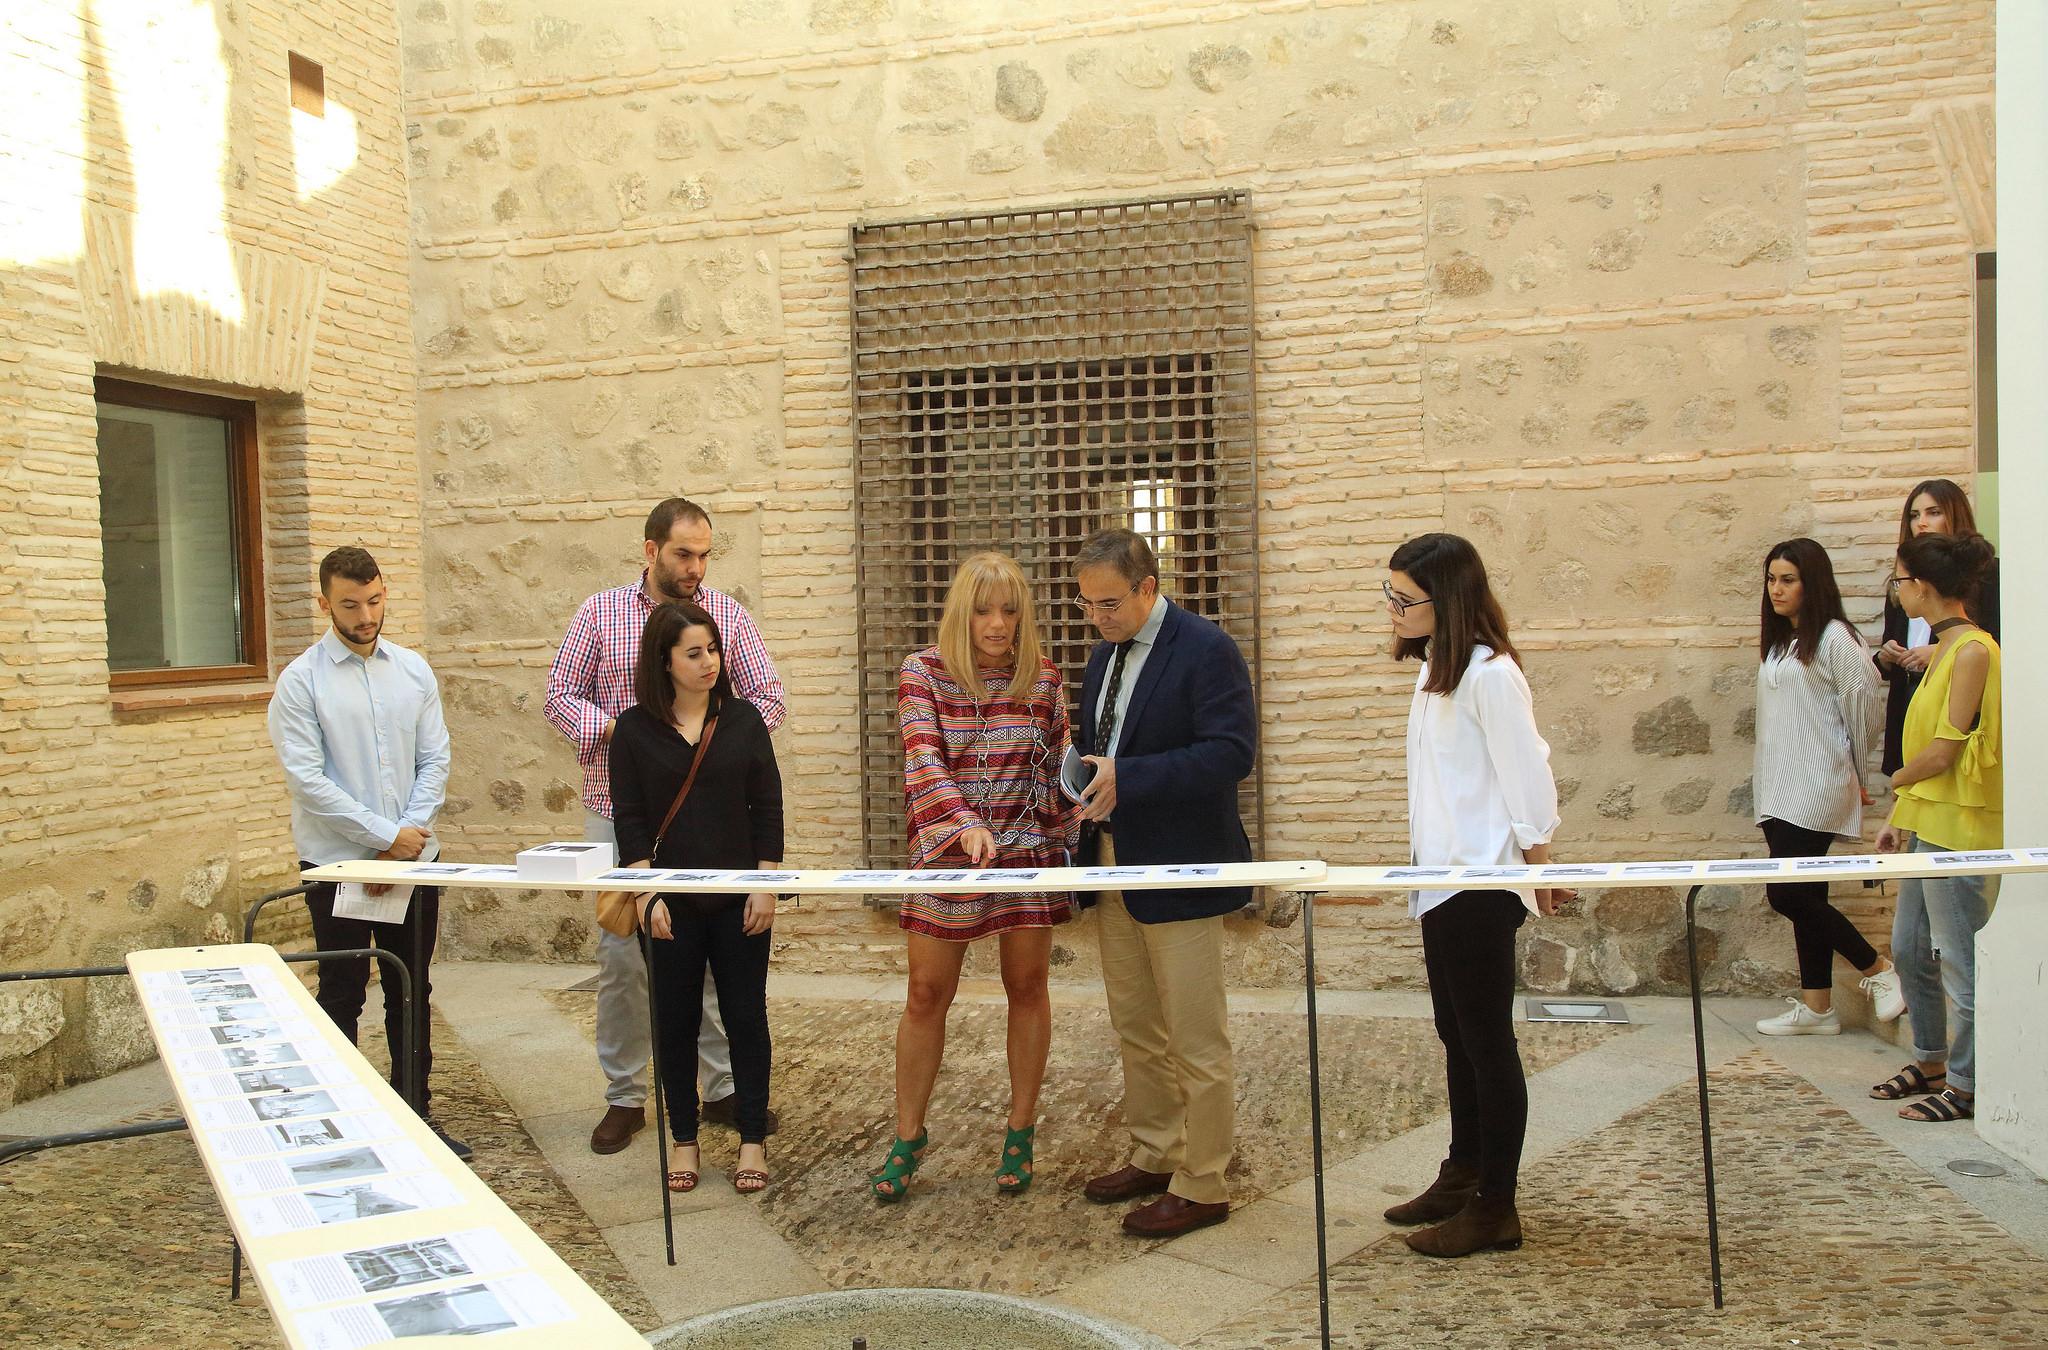 El Viceconsejero De Cultura, Jesús Carrascosa, Inaugura La Exposición U0027 Arquitectura Contemporánea En La Provincia De Toledou0027